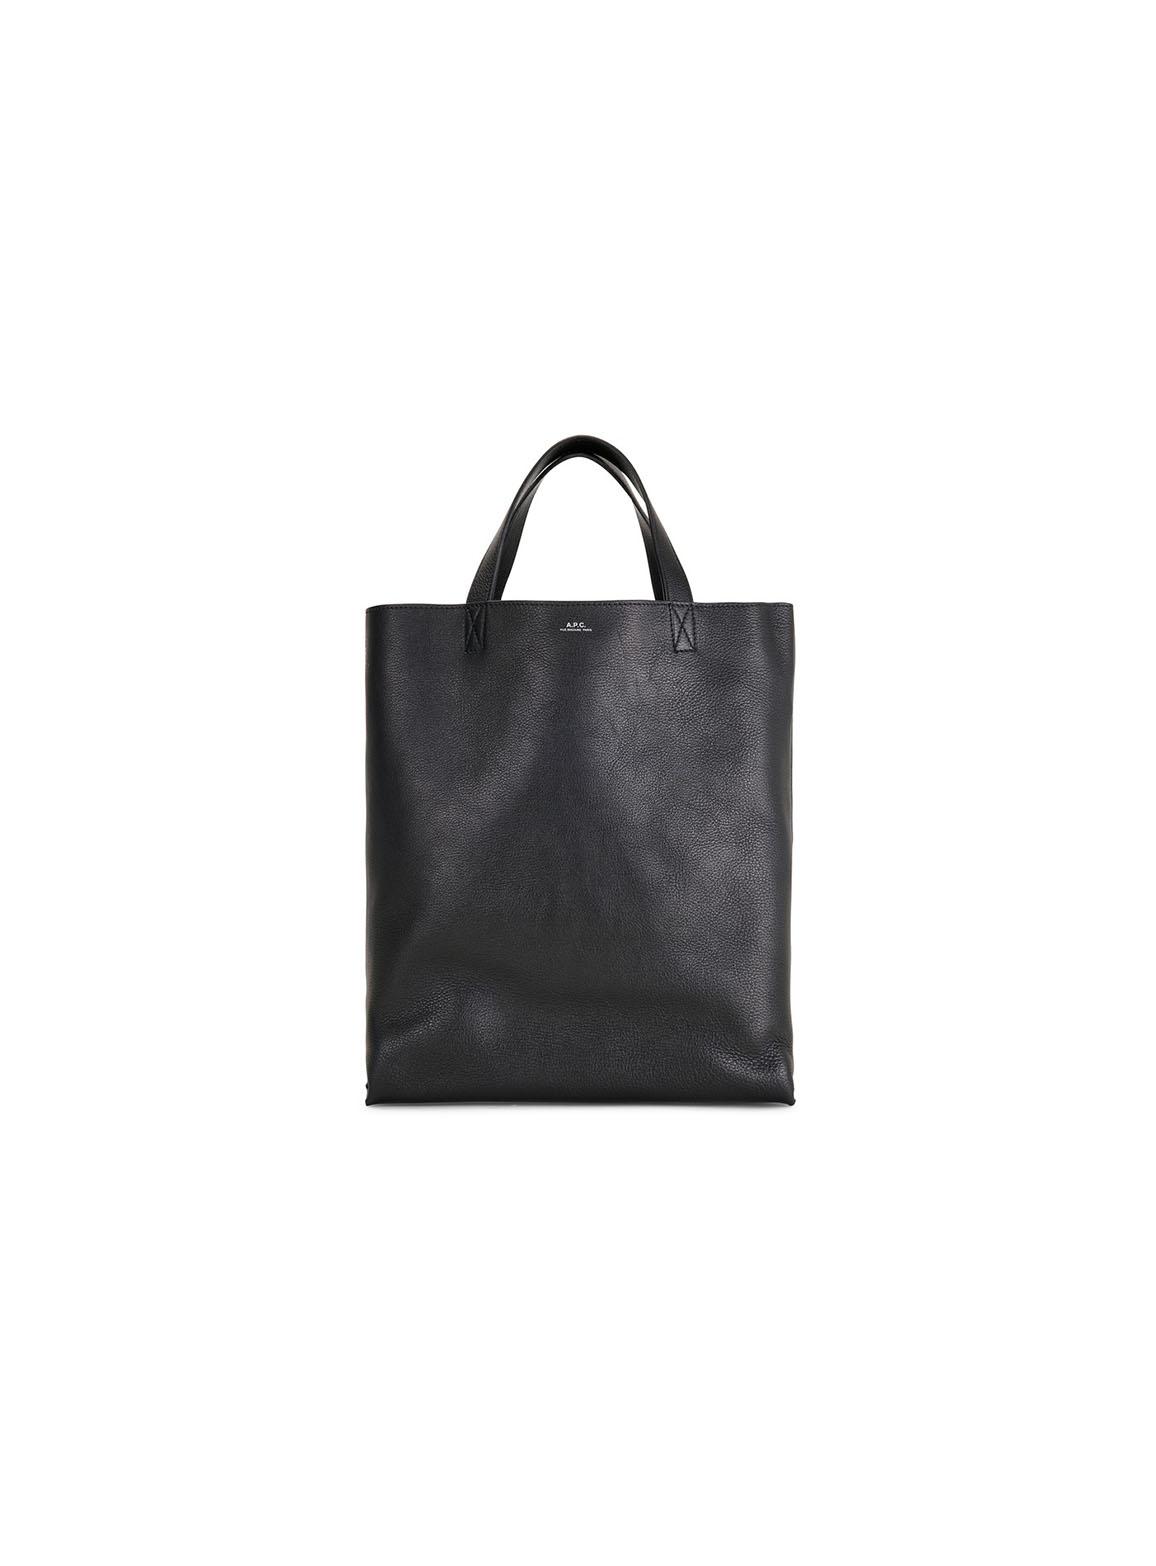 Medium Maïko bag